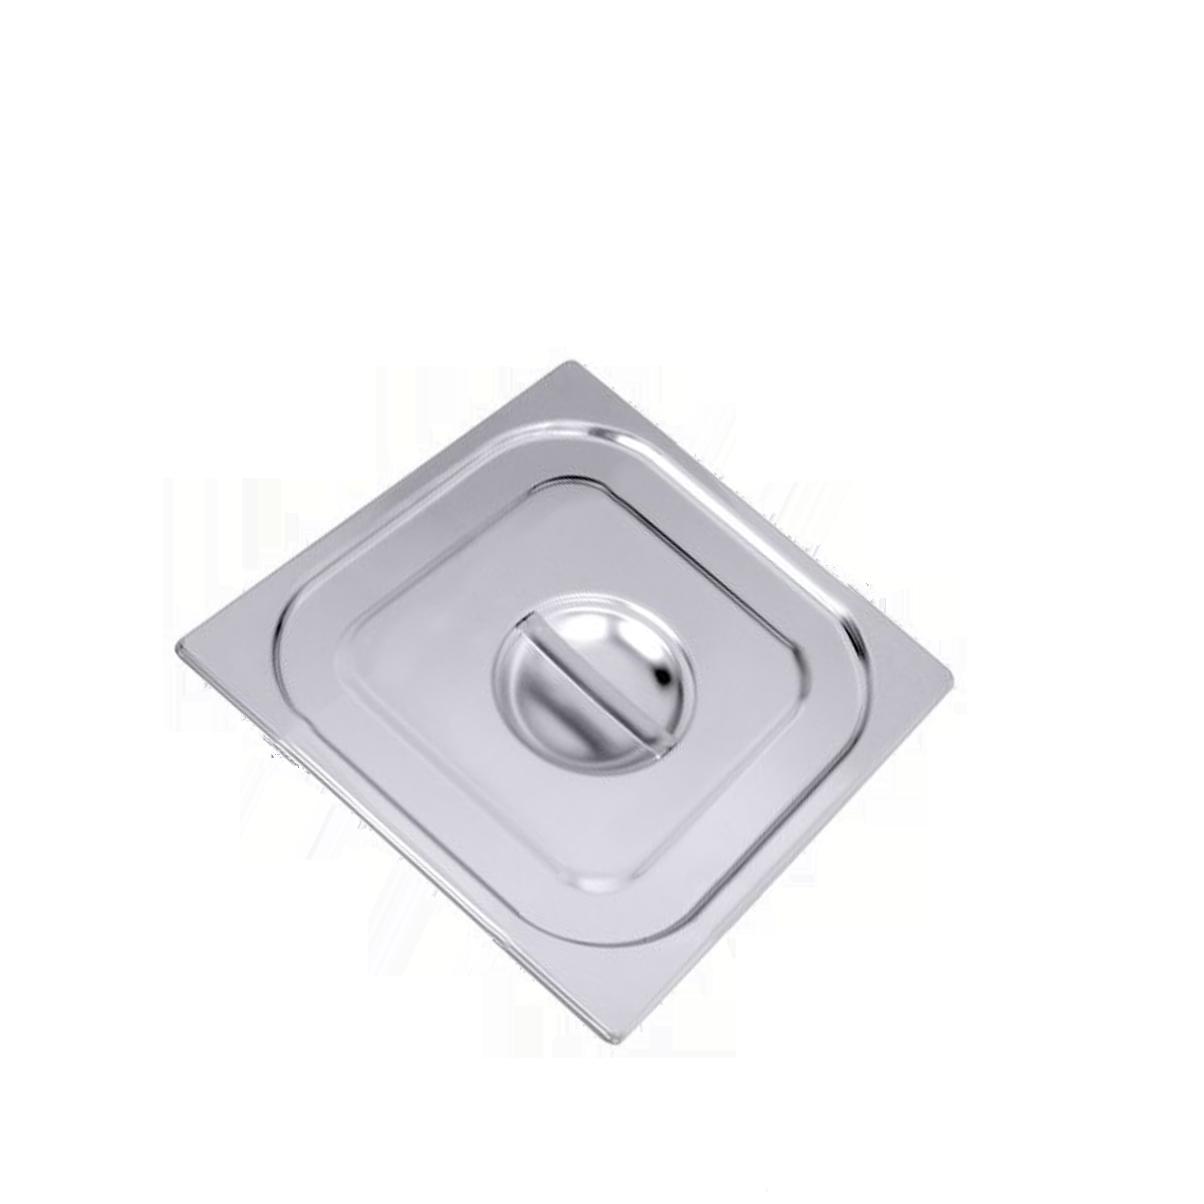 Deckel für 1/2 GN-Behälter